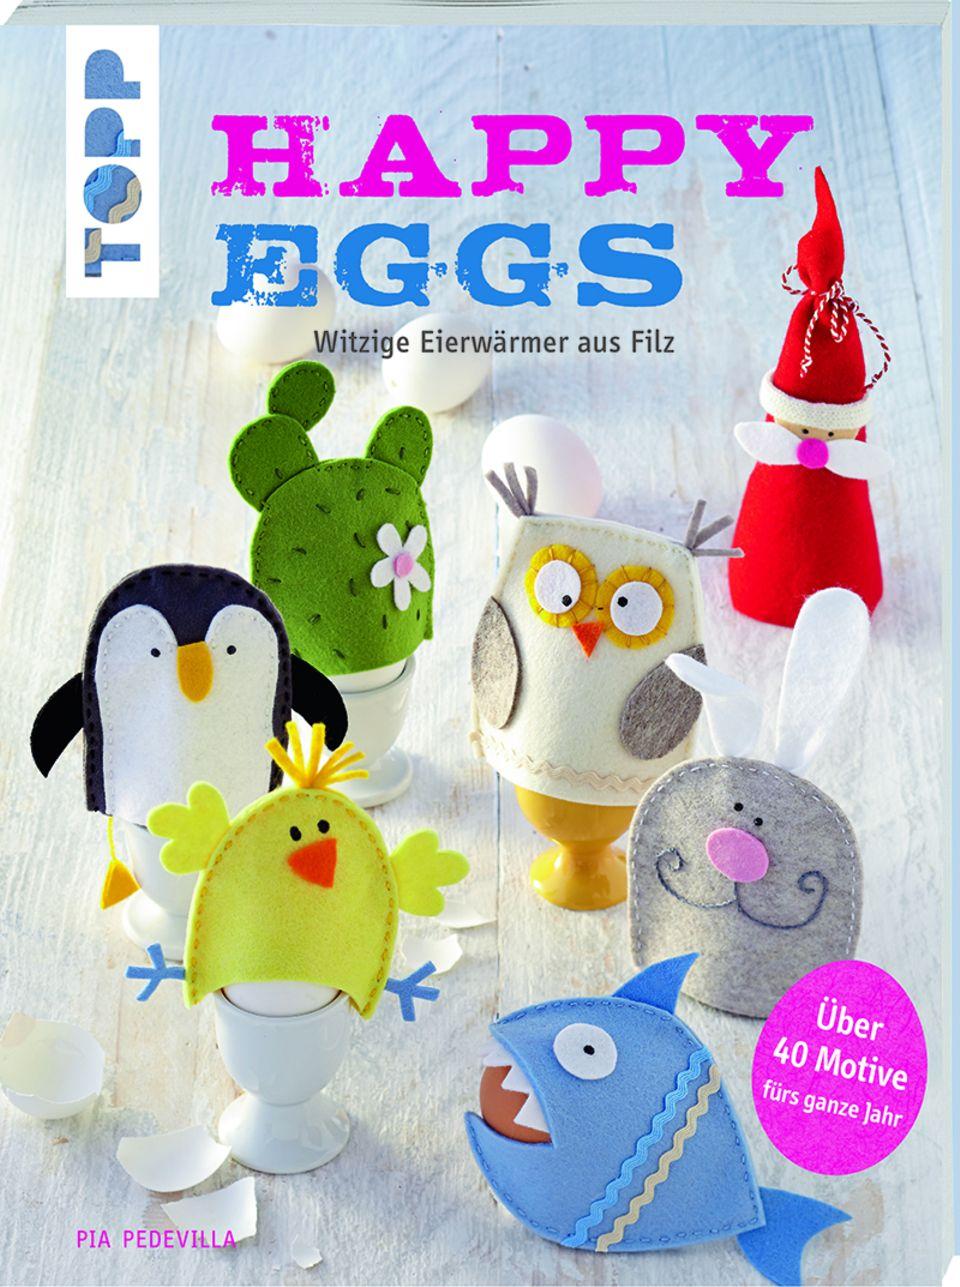 HAPPY EGGS Cover